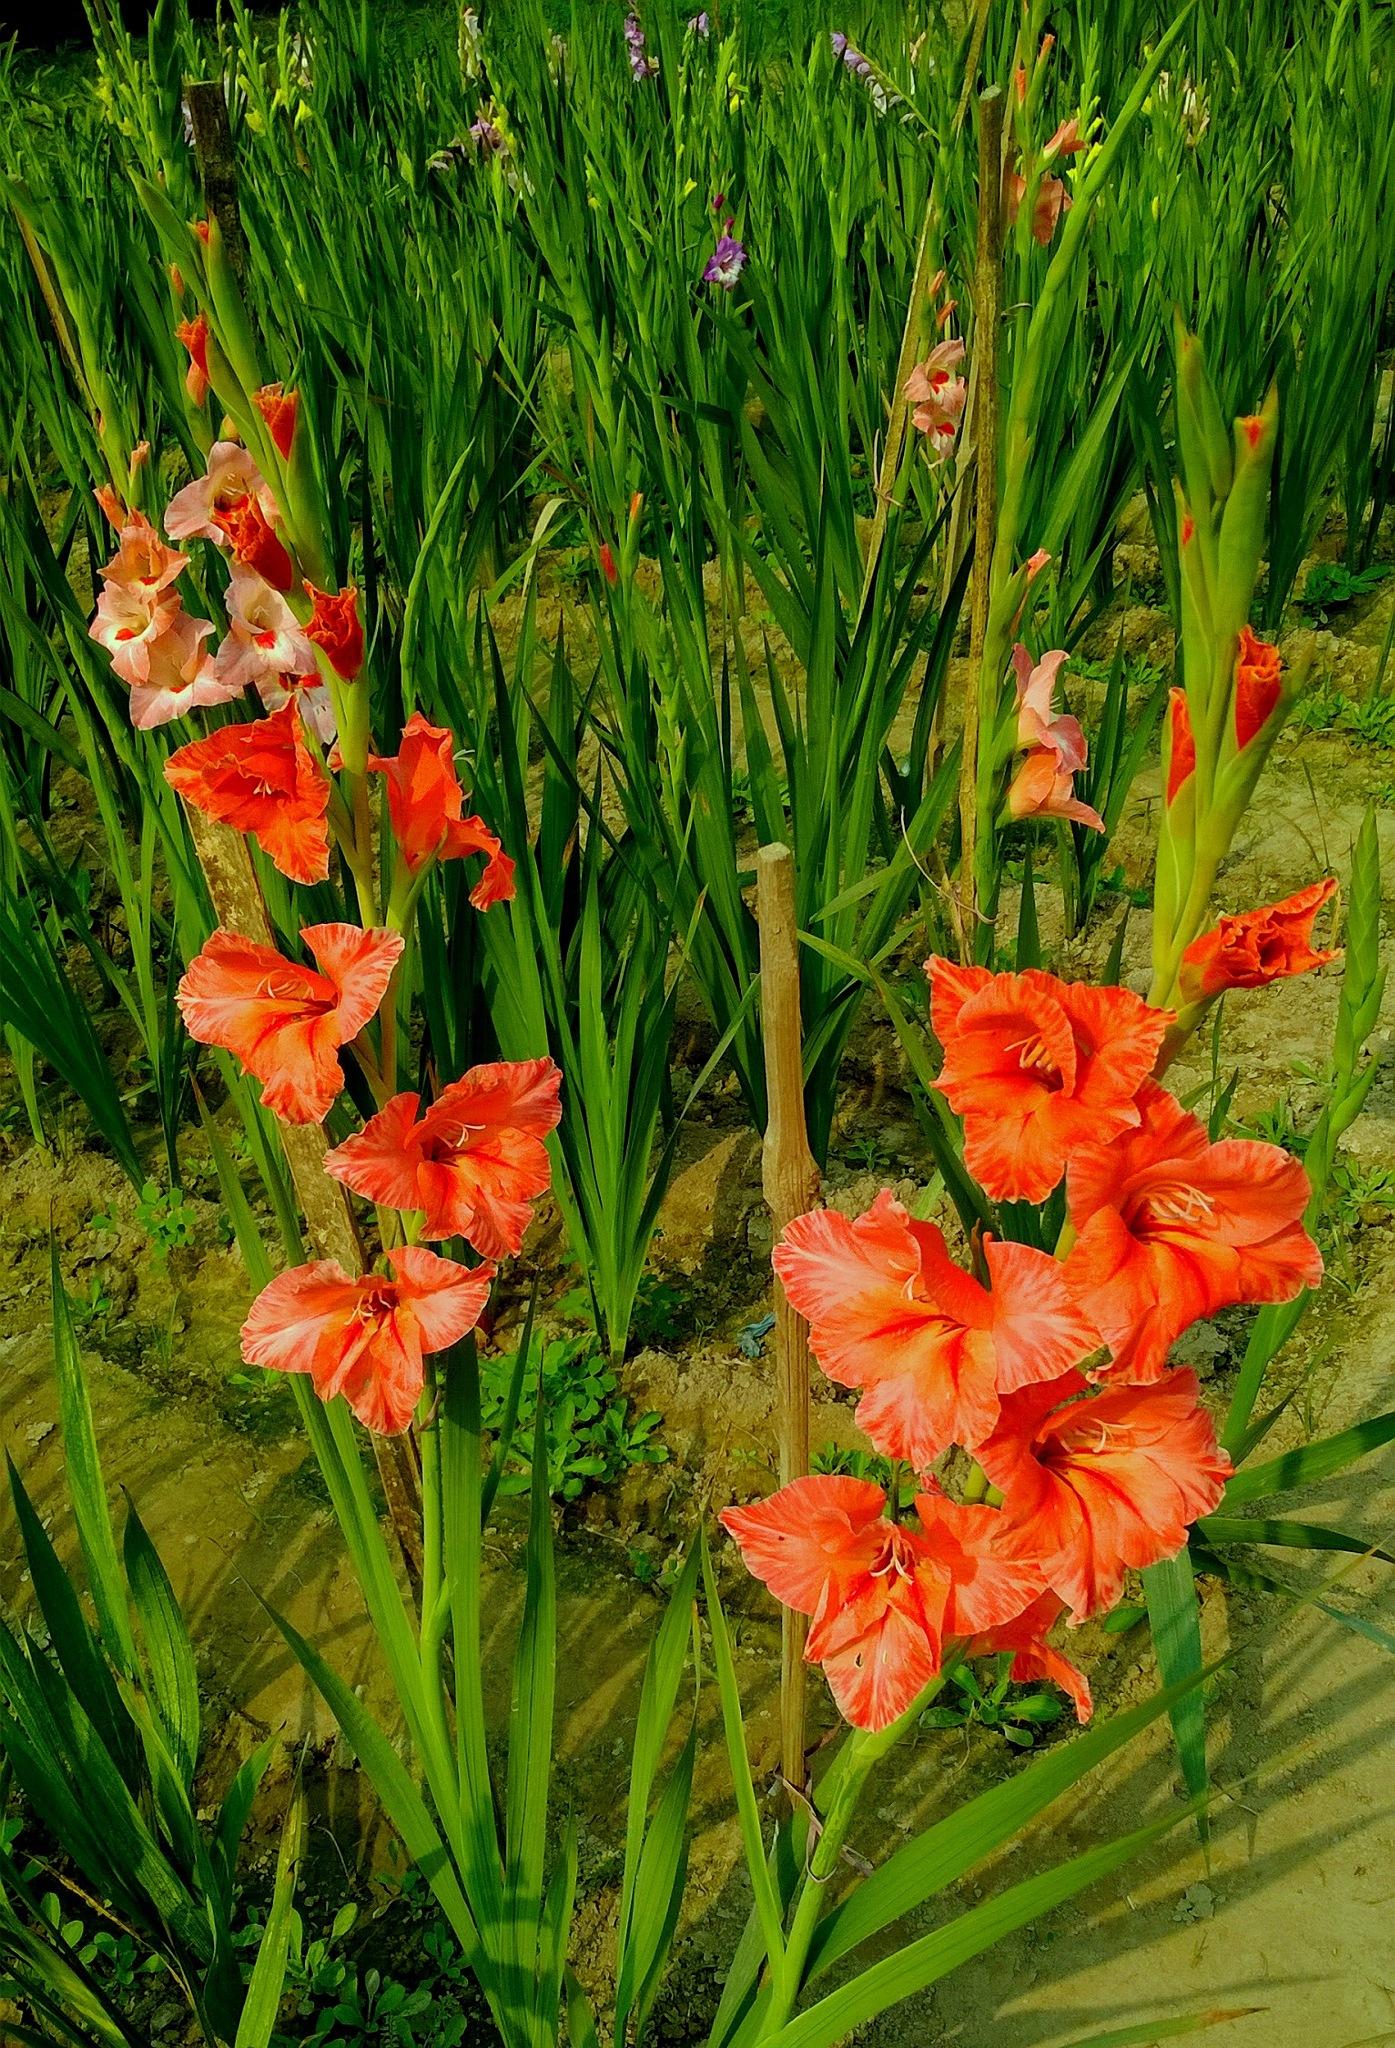 Gladiolus at their roots /4 by Suresh Tewari